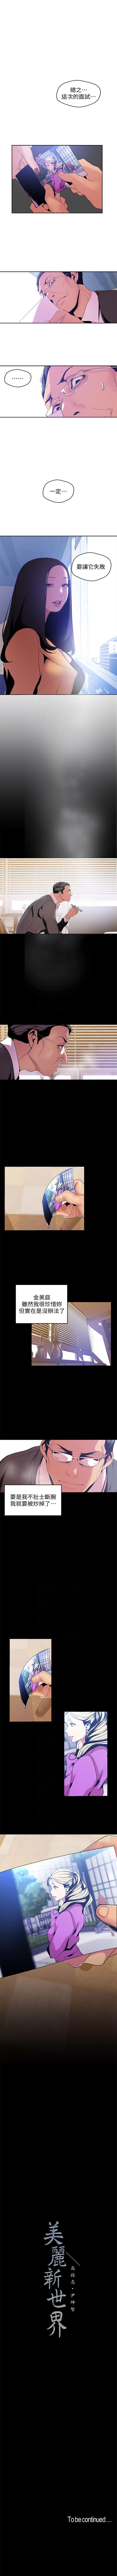 美麗新世界 1-85 官方中文(連載中) 437